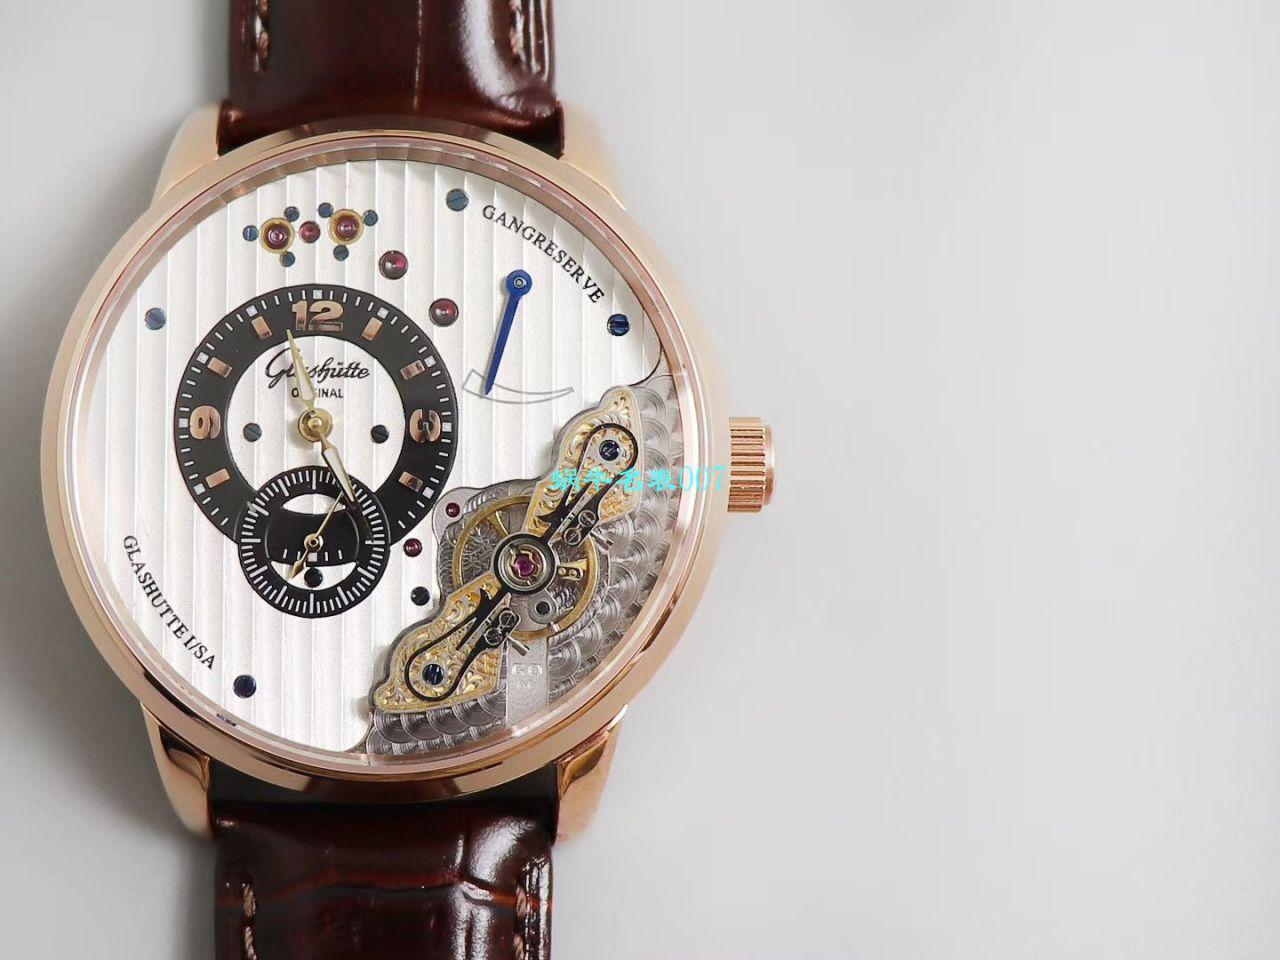 【TZ厂超A高仿手表】格拉苏蒂原创偏心系列1-91-02-02-02-30腕表 / GLA059